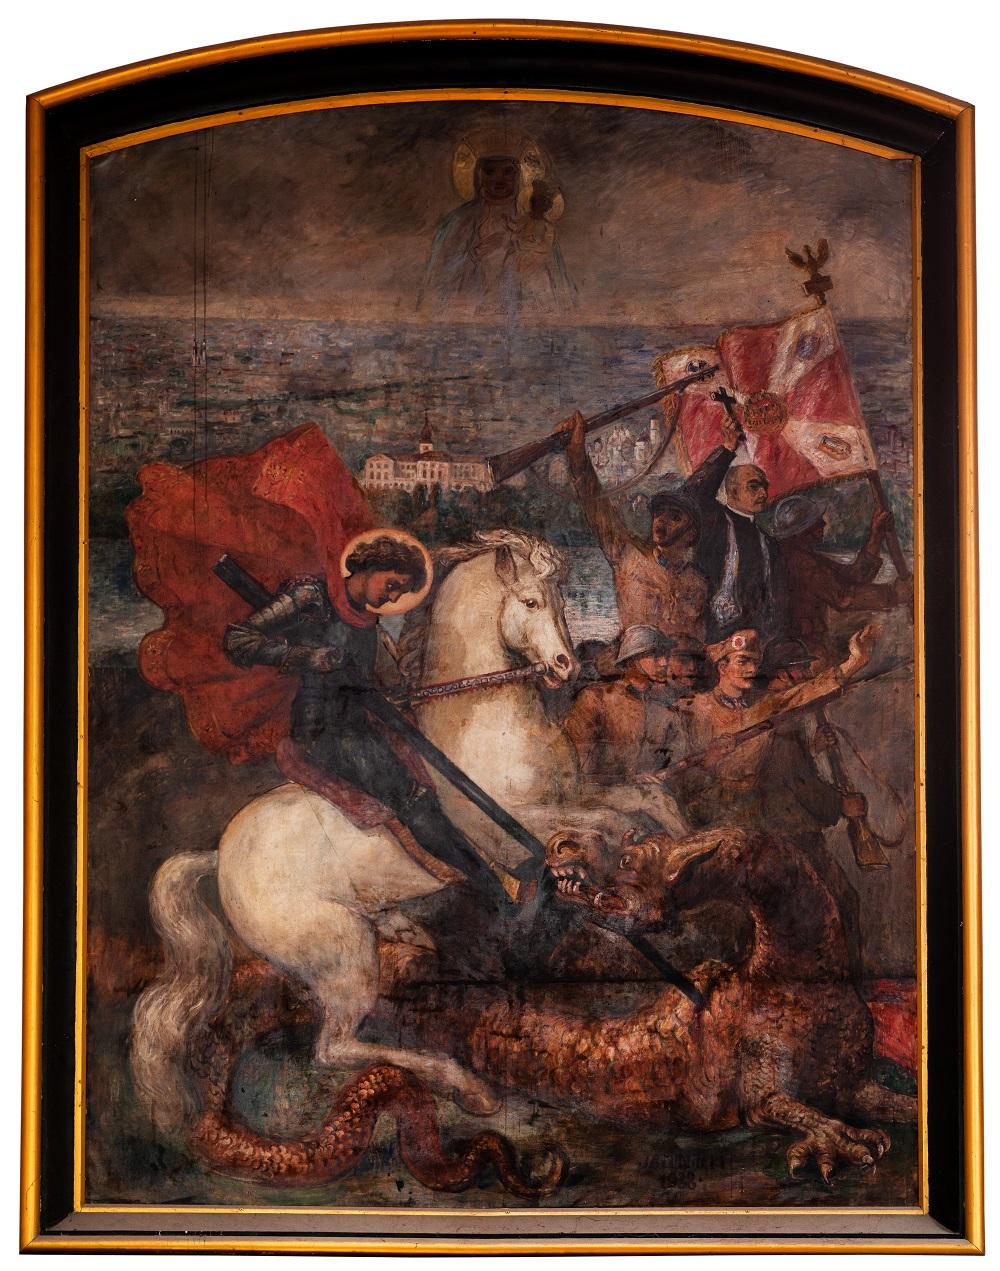 Juliusz Studnicki, Święty Jerzy walczący zesmokiem, 1938